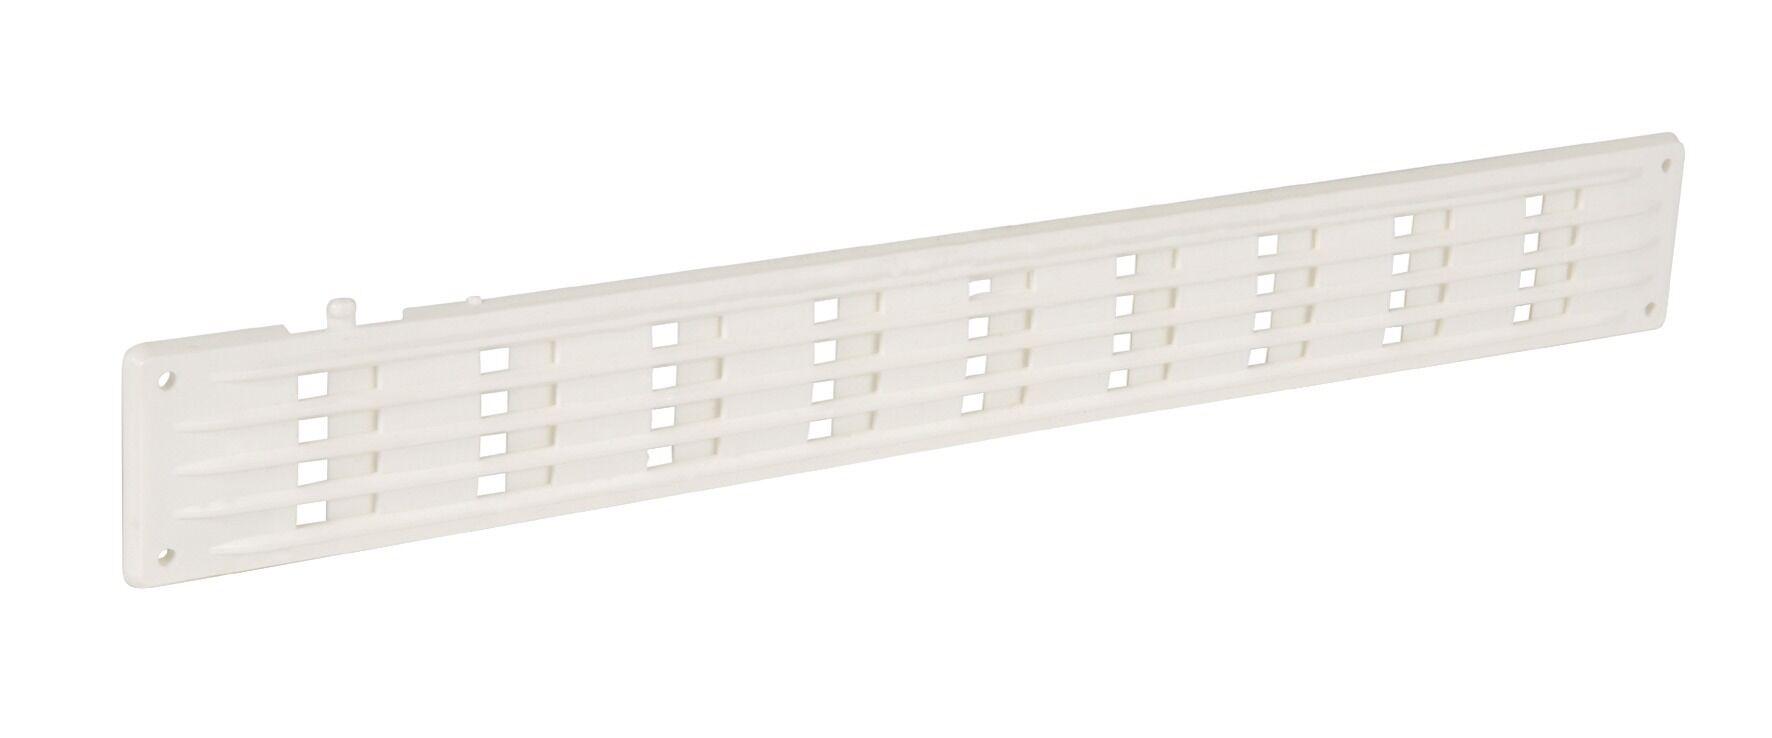 NICOLL Grille de ventilation en applique rectangulaire plate à fermeture 40x300mm - NICOLL - 1PF300